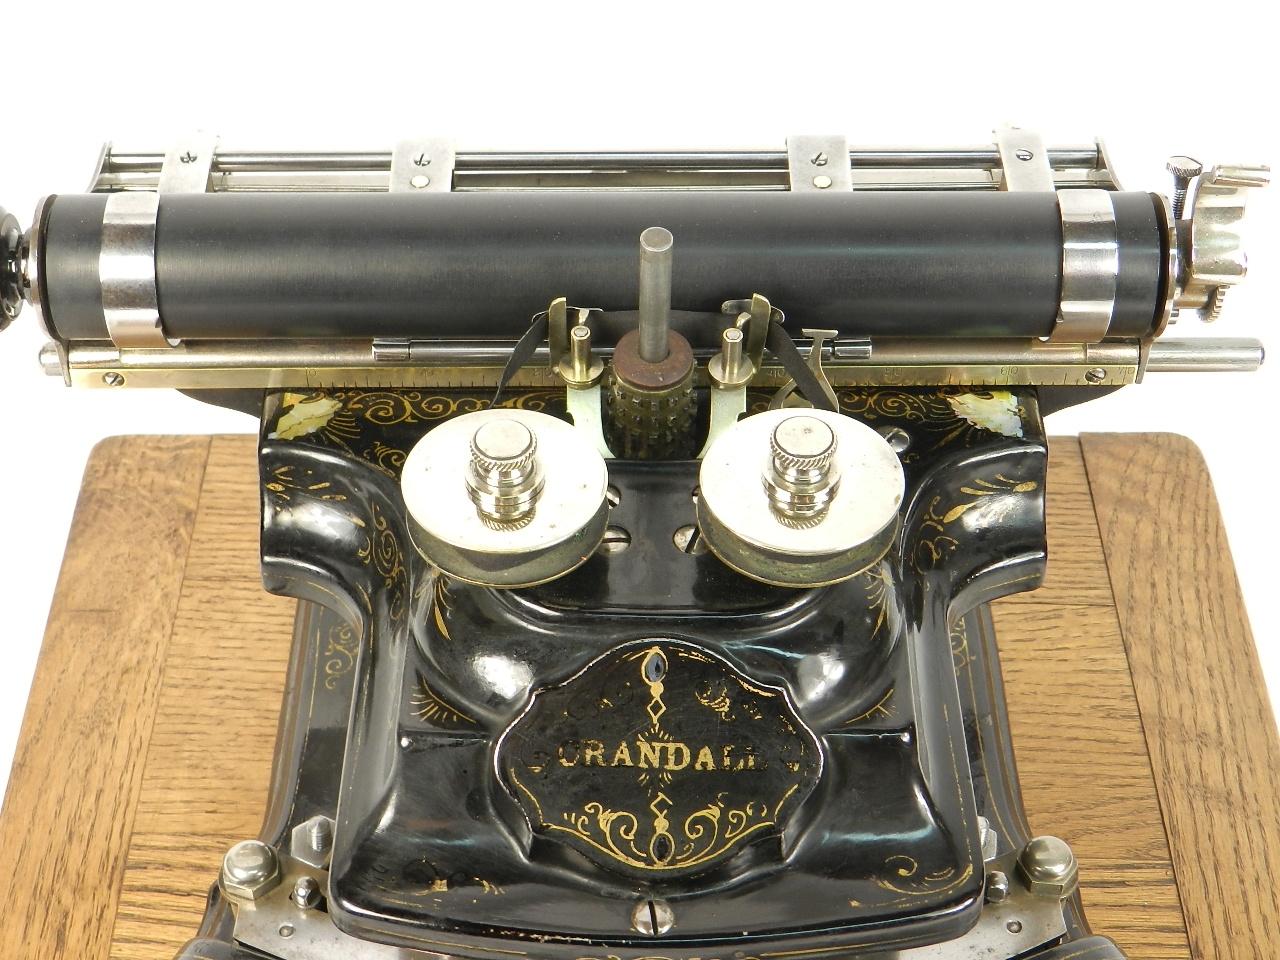 Imagen CRANDALL NEW MODEL AÑO 1885 31025